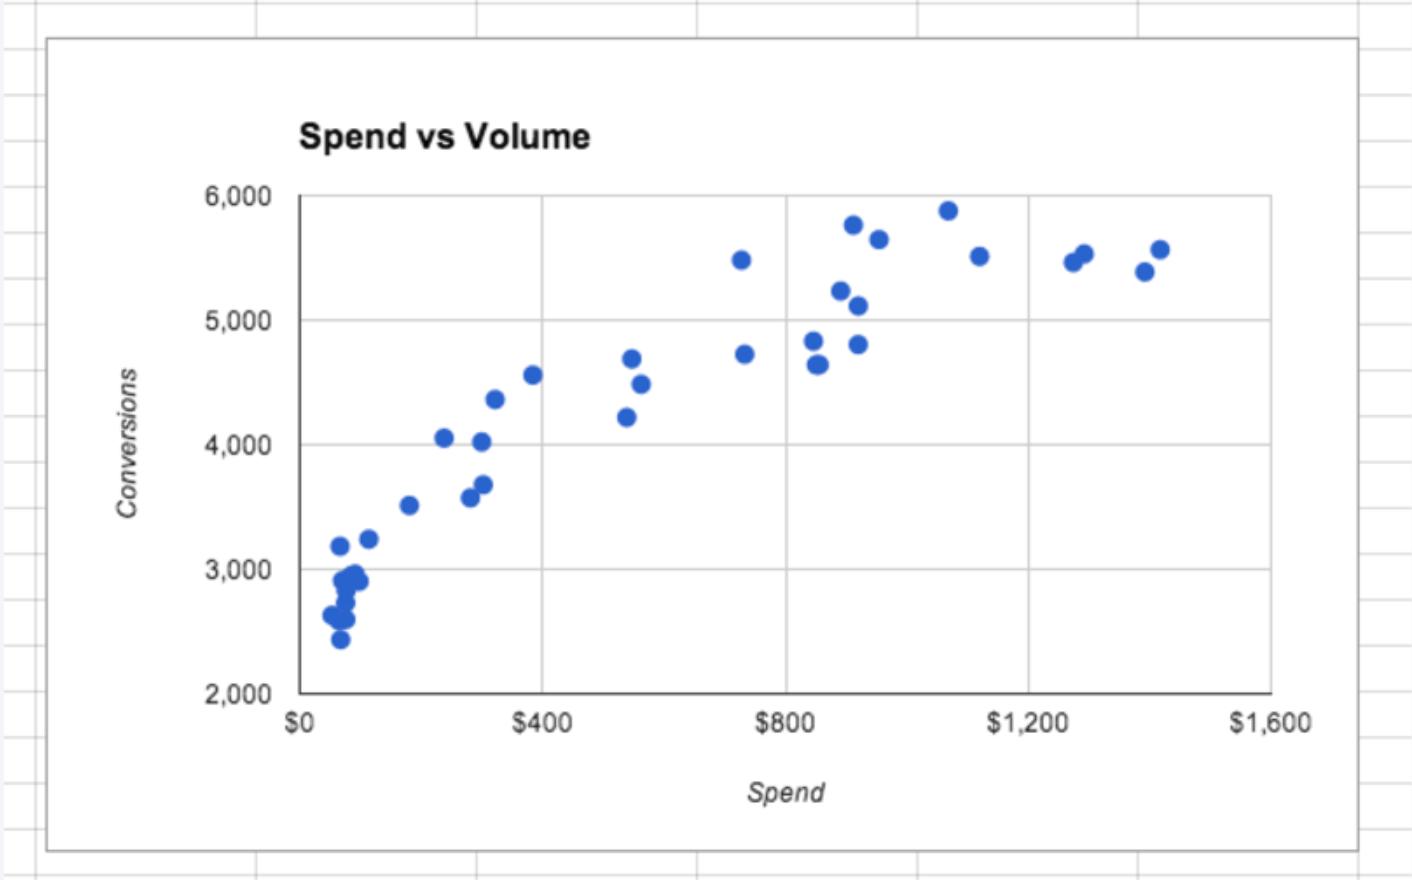 spend vs volume chart